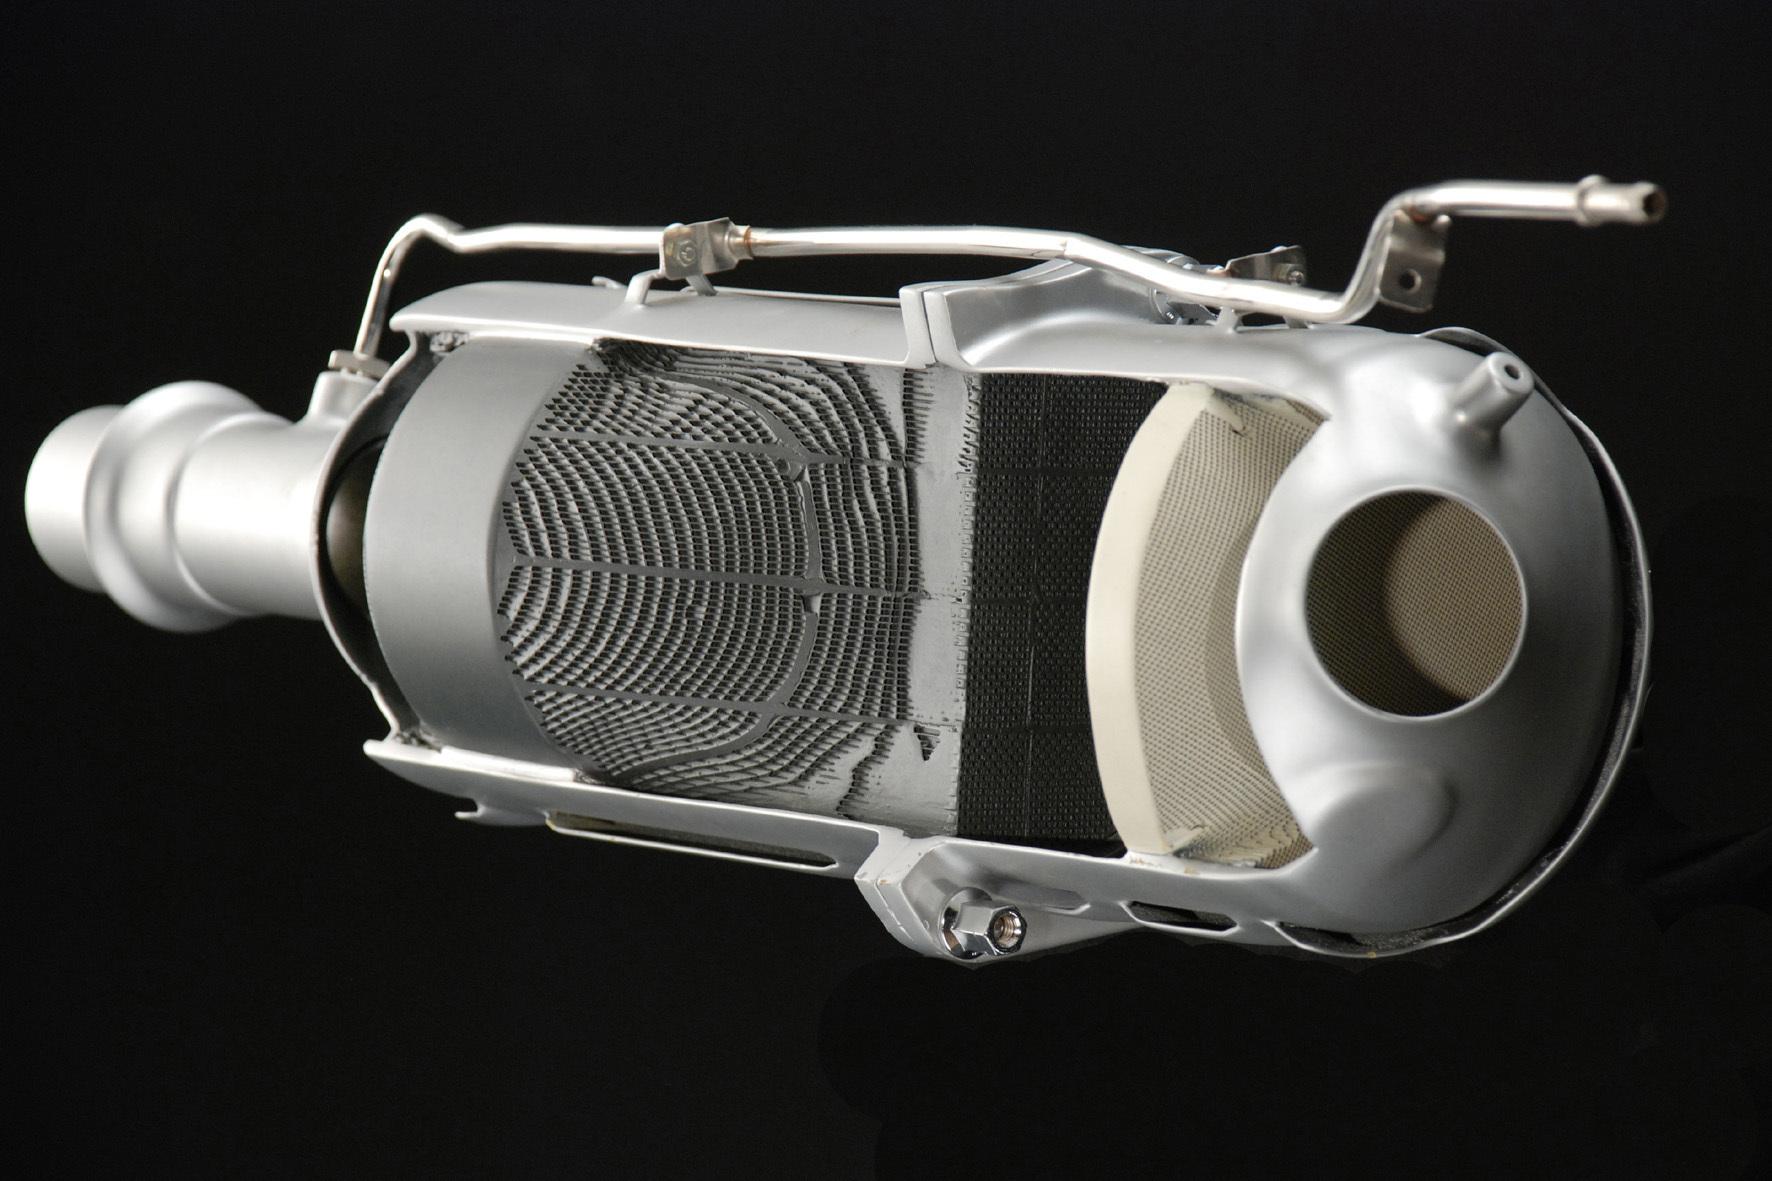 mid Düsseldorf - Im aktuellen Förder-Topf für die Nachrüstung von Partikelfiltern bei Diesel-Pkw ist noch Geld für fast 100.000 bezuschusste Umrüstungen.